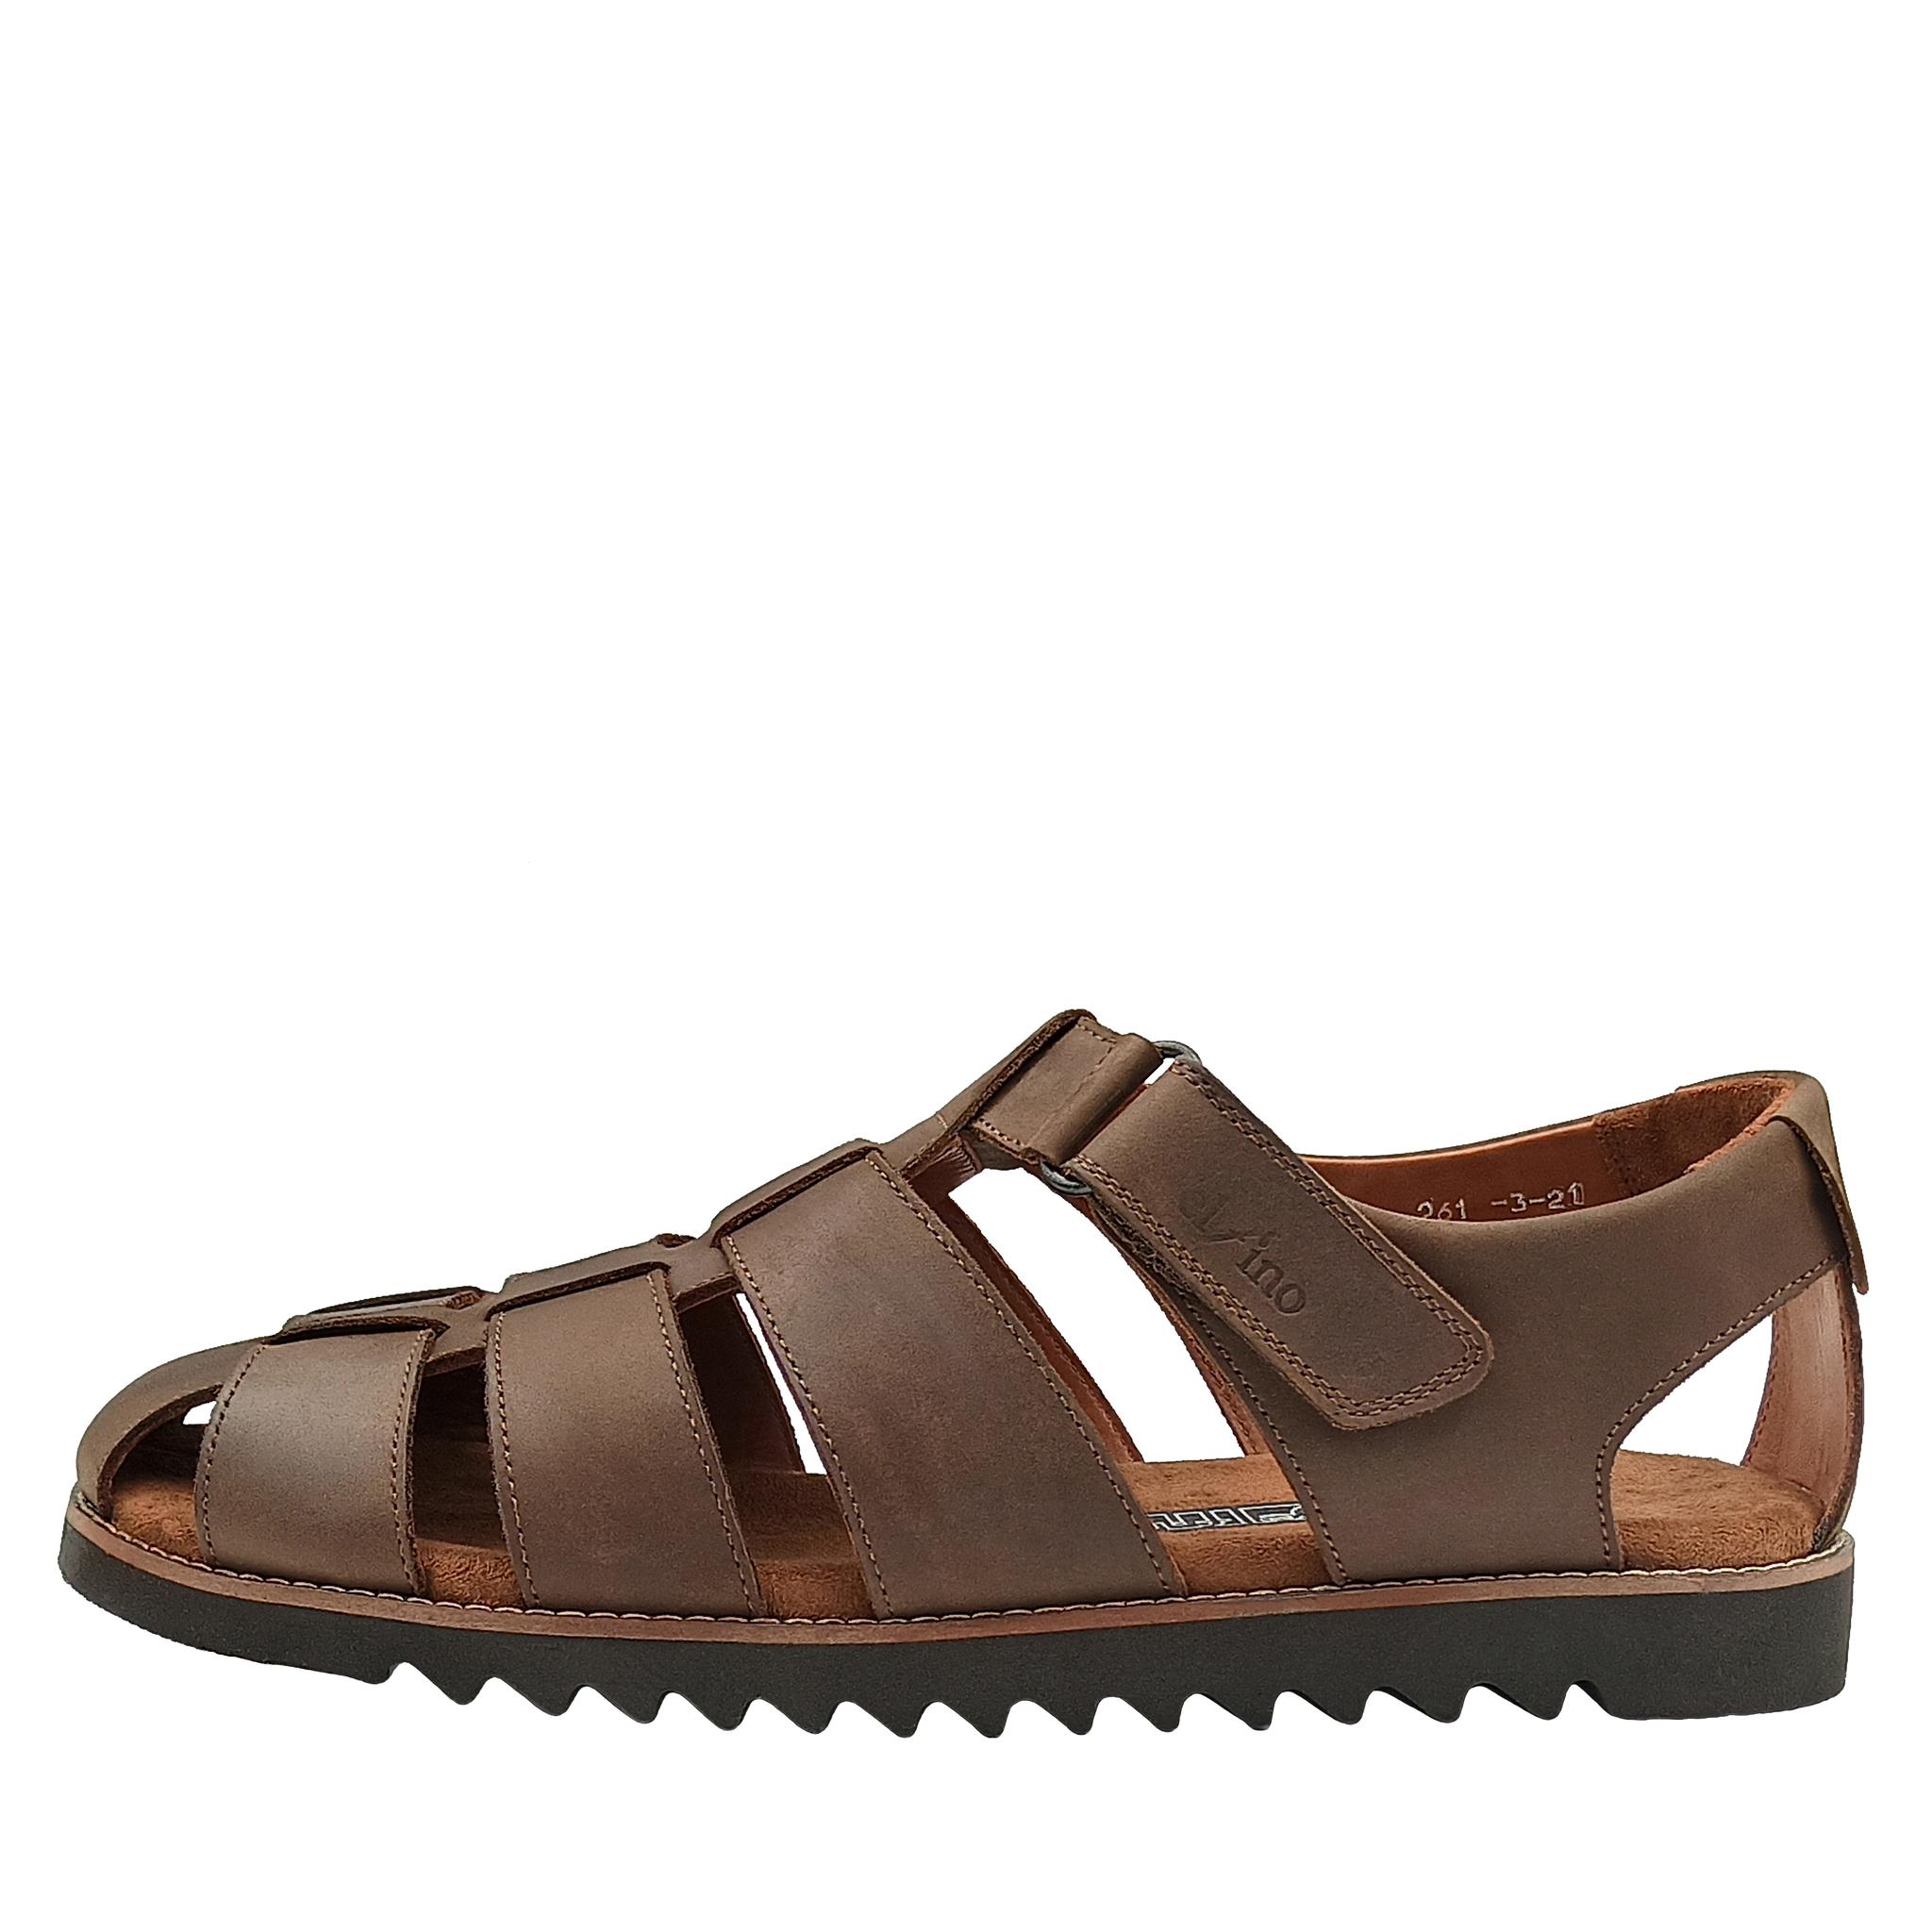 550210 сандалии мужские коричневые больших размеров марки Делфино